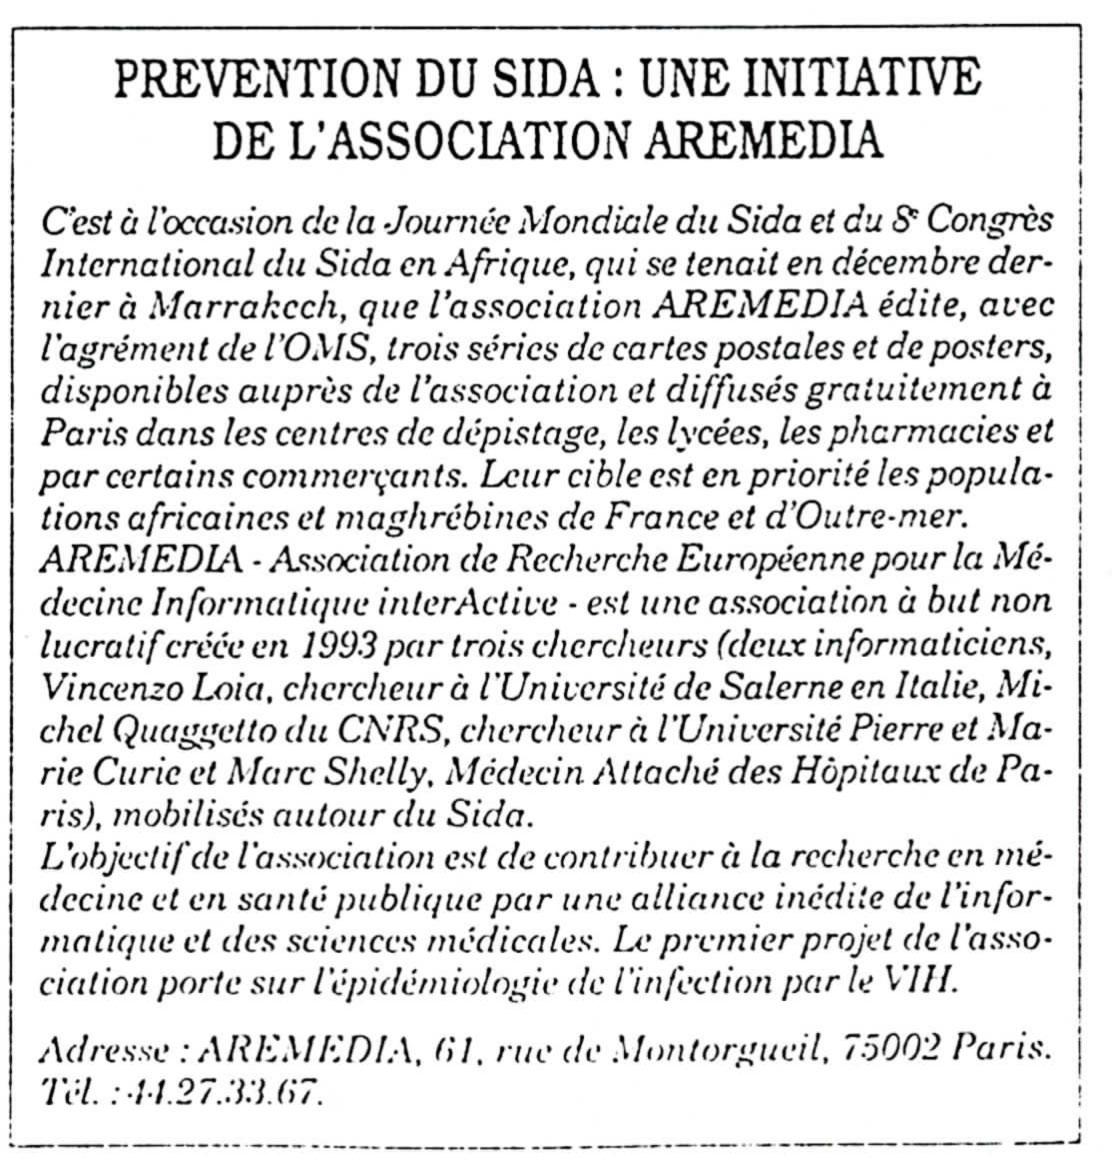 8ème Congrès International du Sida en Afrique